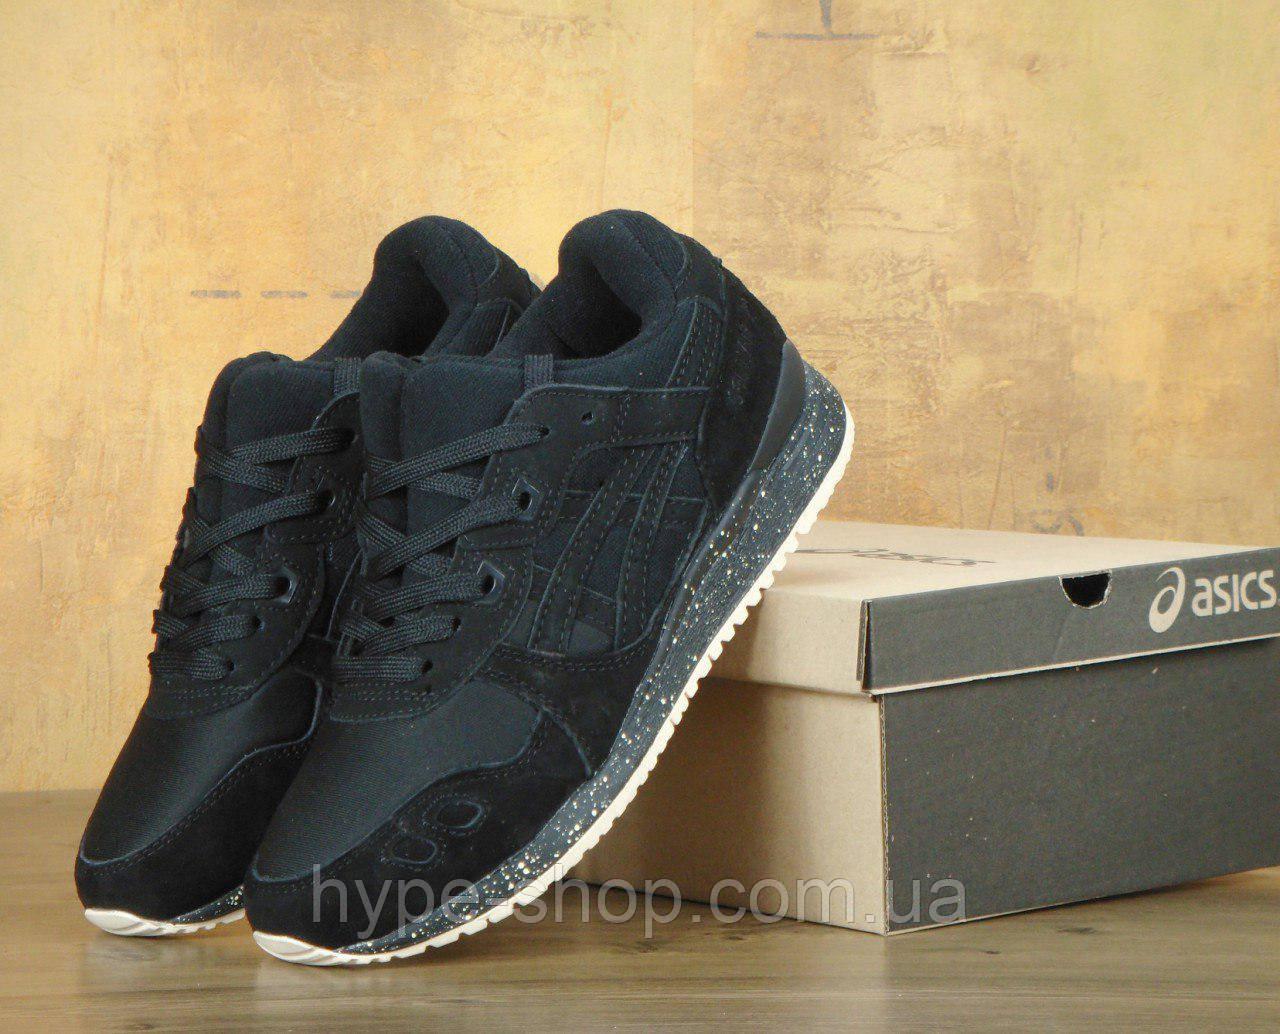 Мужские черные кроссовки Asics | Люкс Реплика